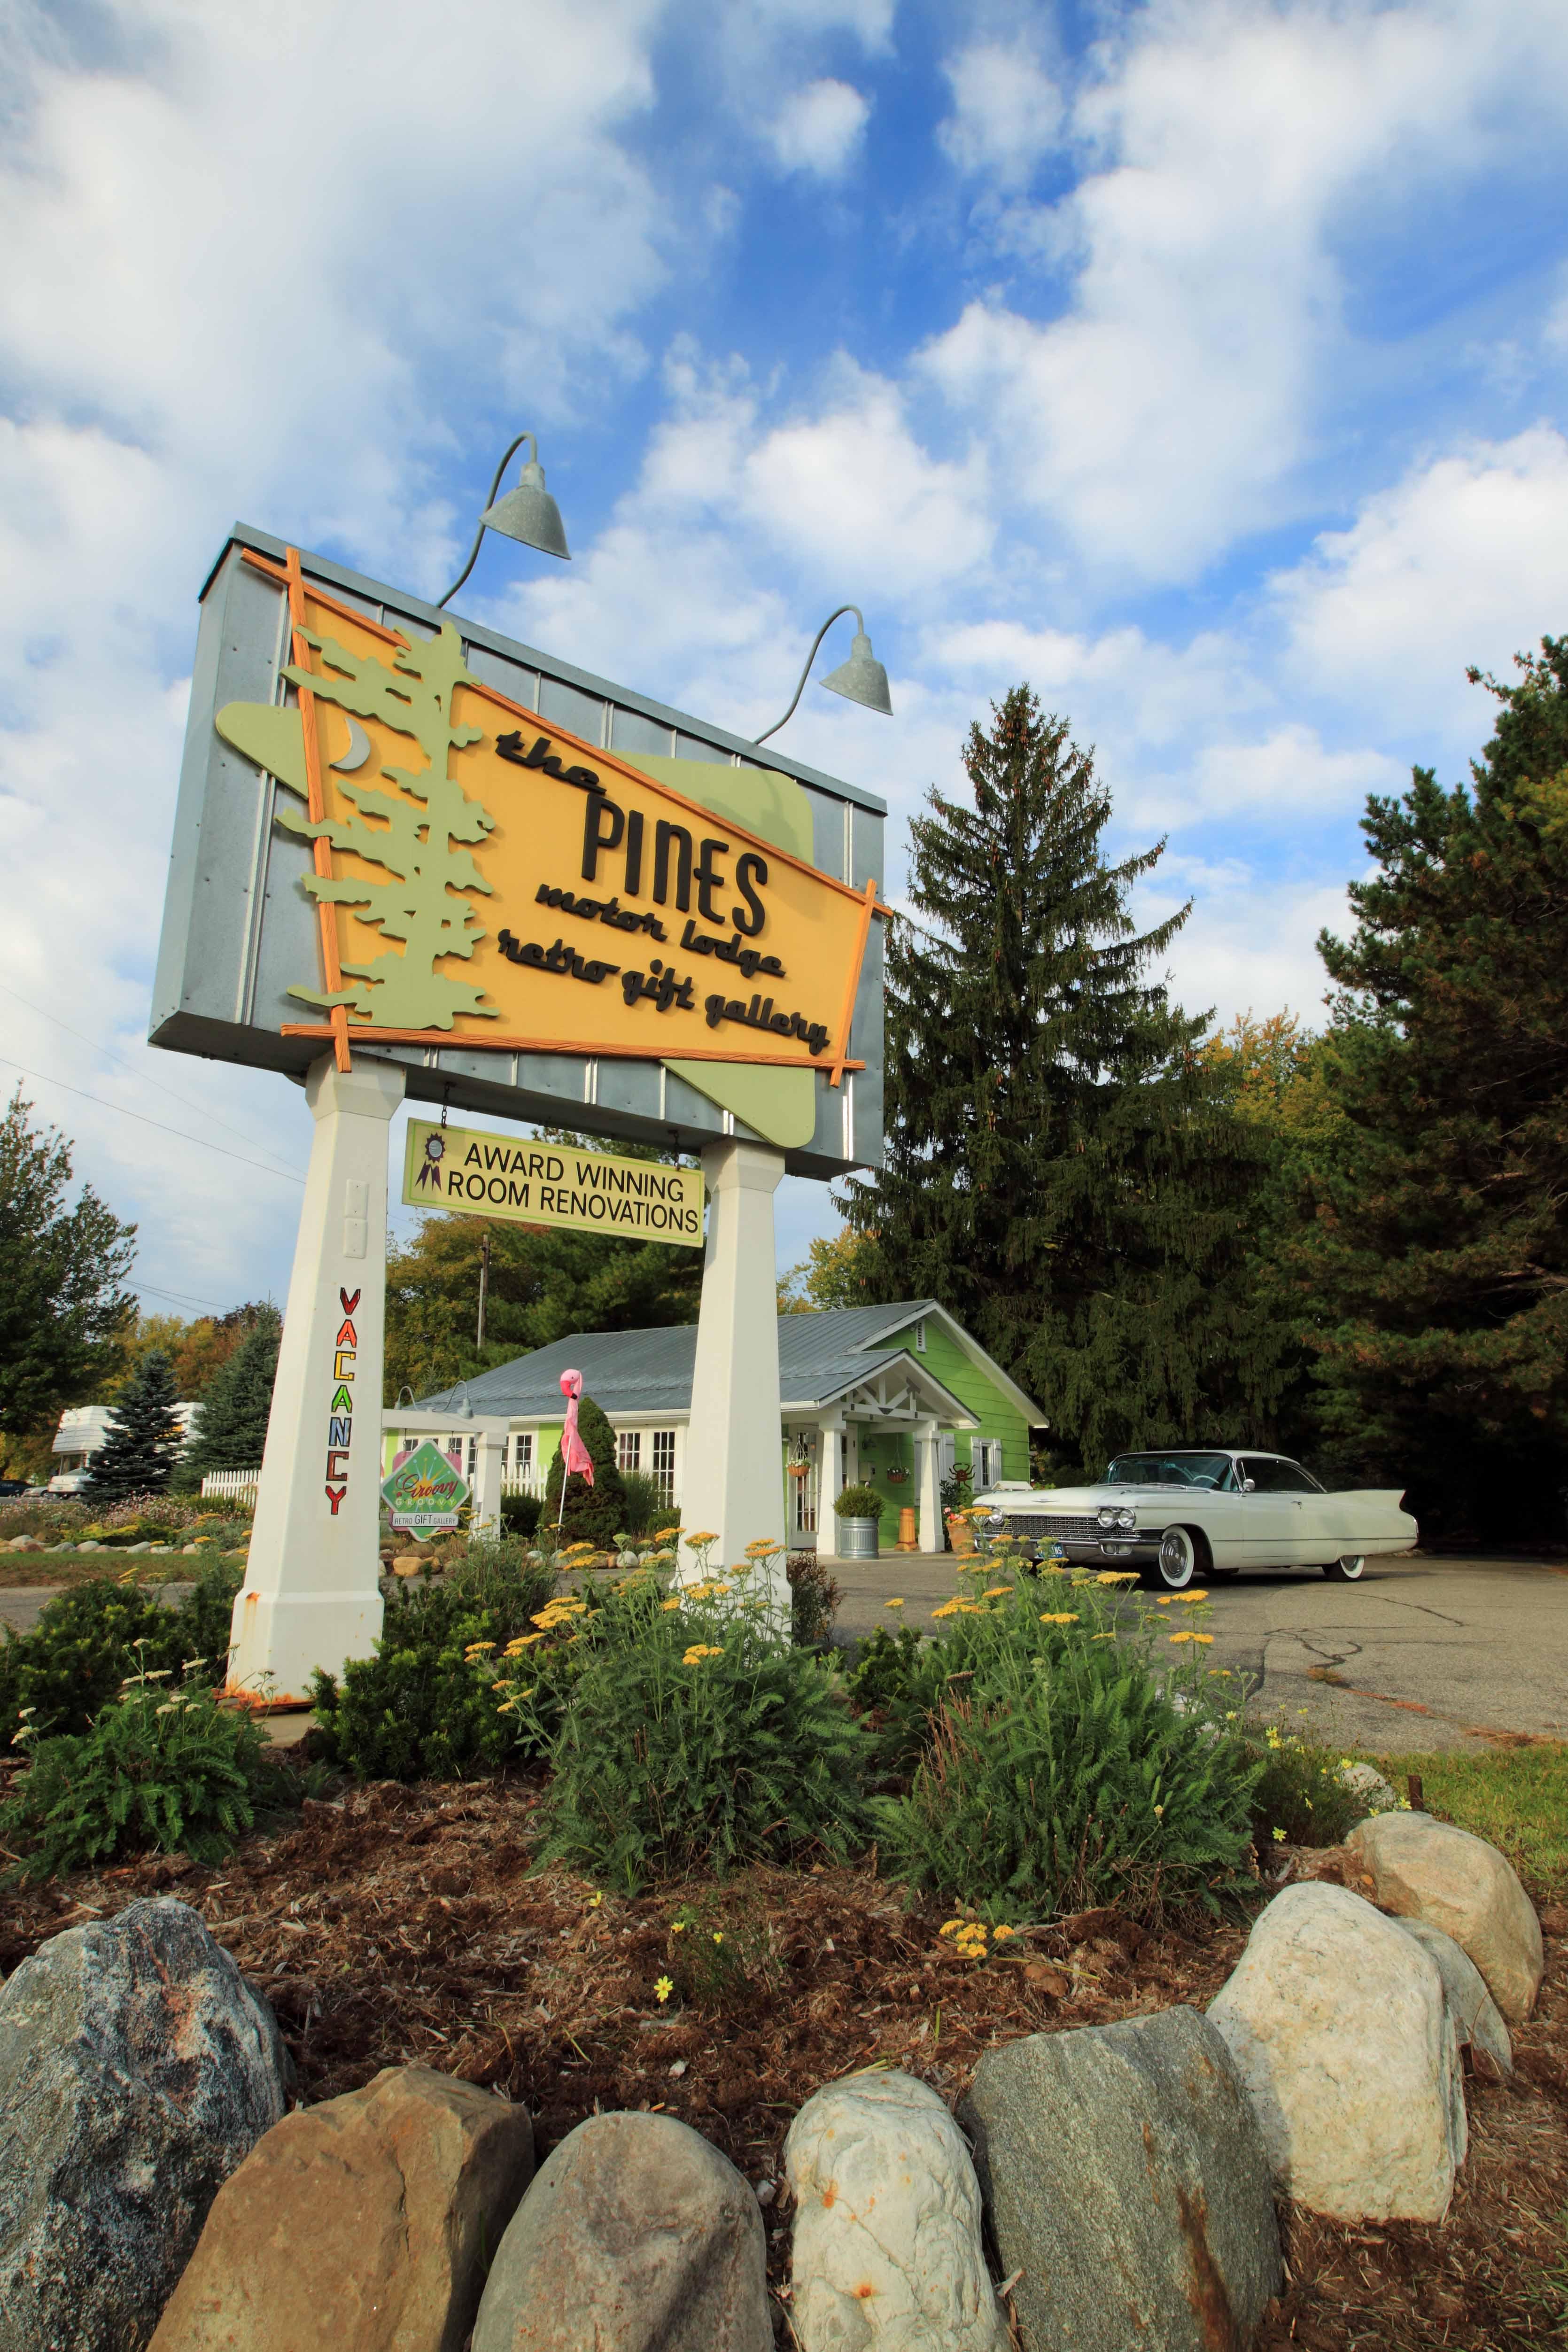 The Pines Motorlodge. St. Joseph, Michigan.